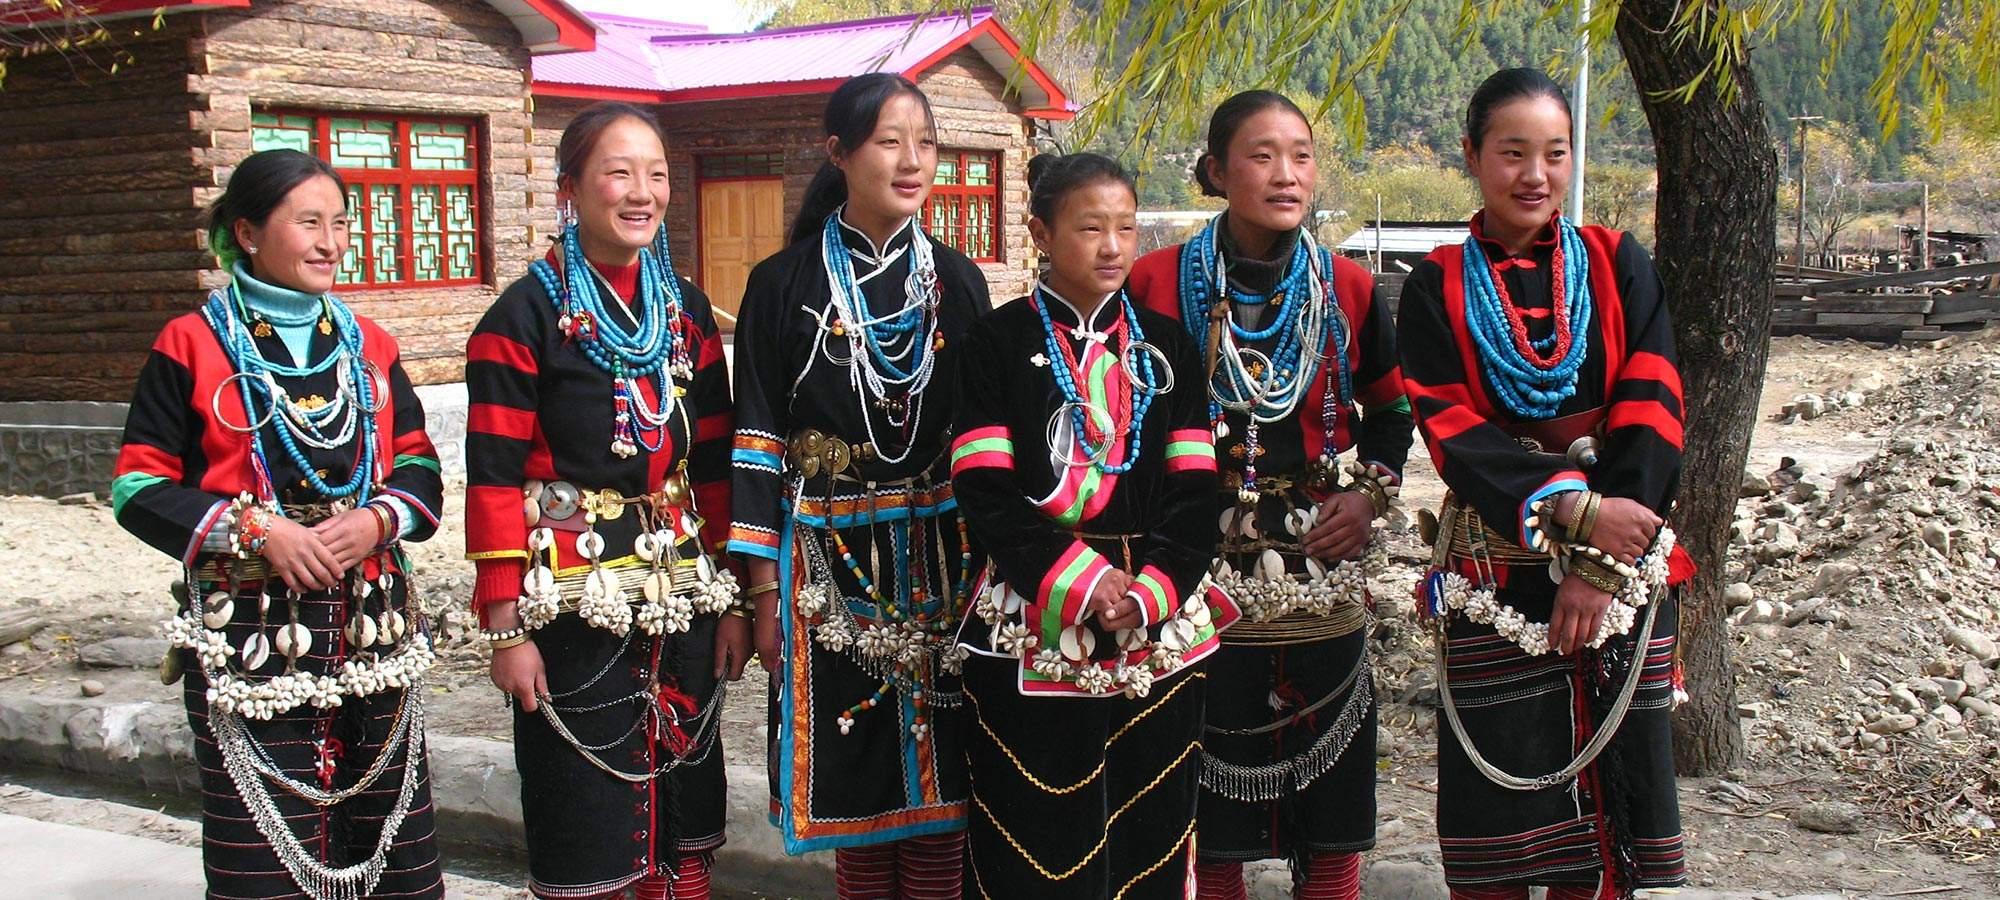 Lhoba-Kleidung aus Tibet bringt Wohlstand